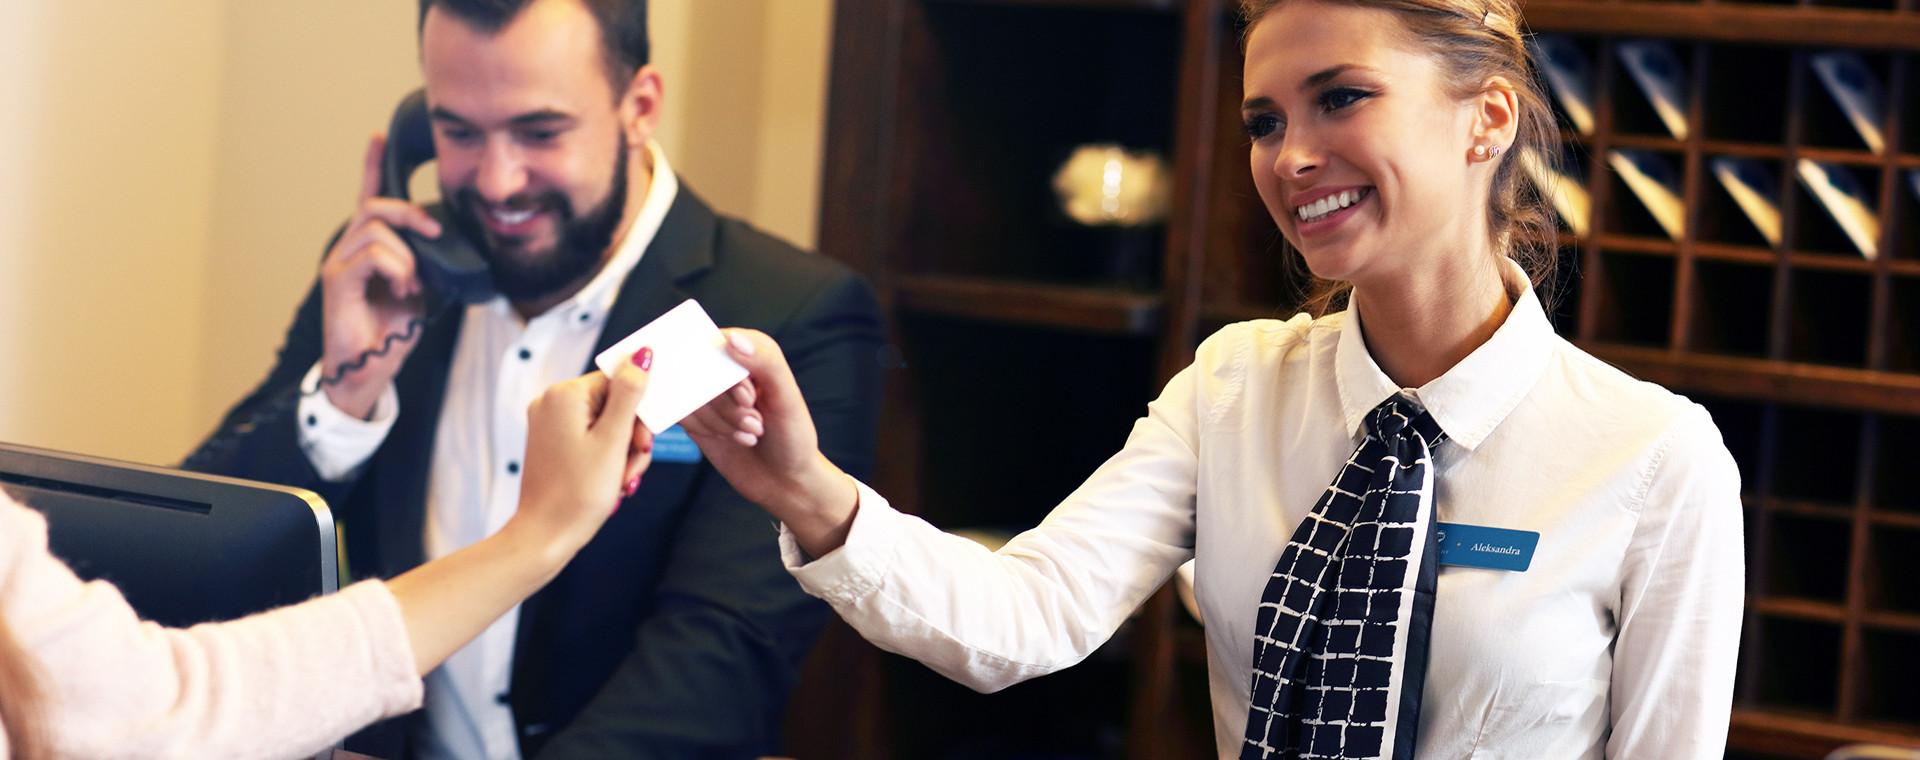 Turizm ve Otel İşletmeciliği (2 Yıllık) 2019 Taban Puanları ve Başarı Sıralamaları